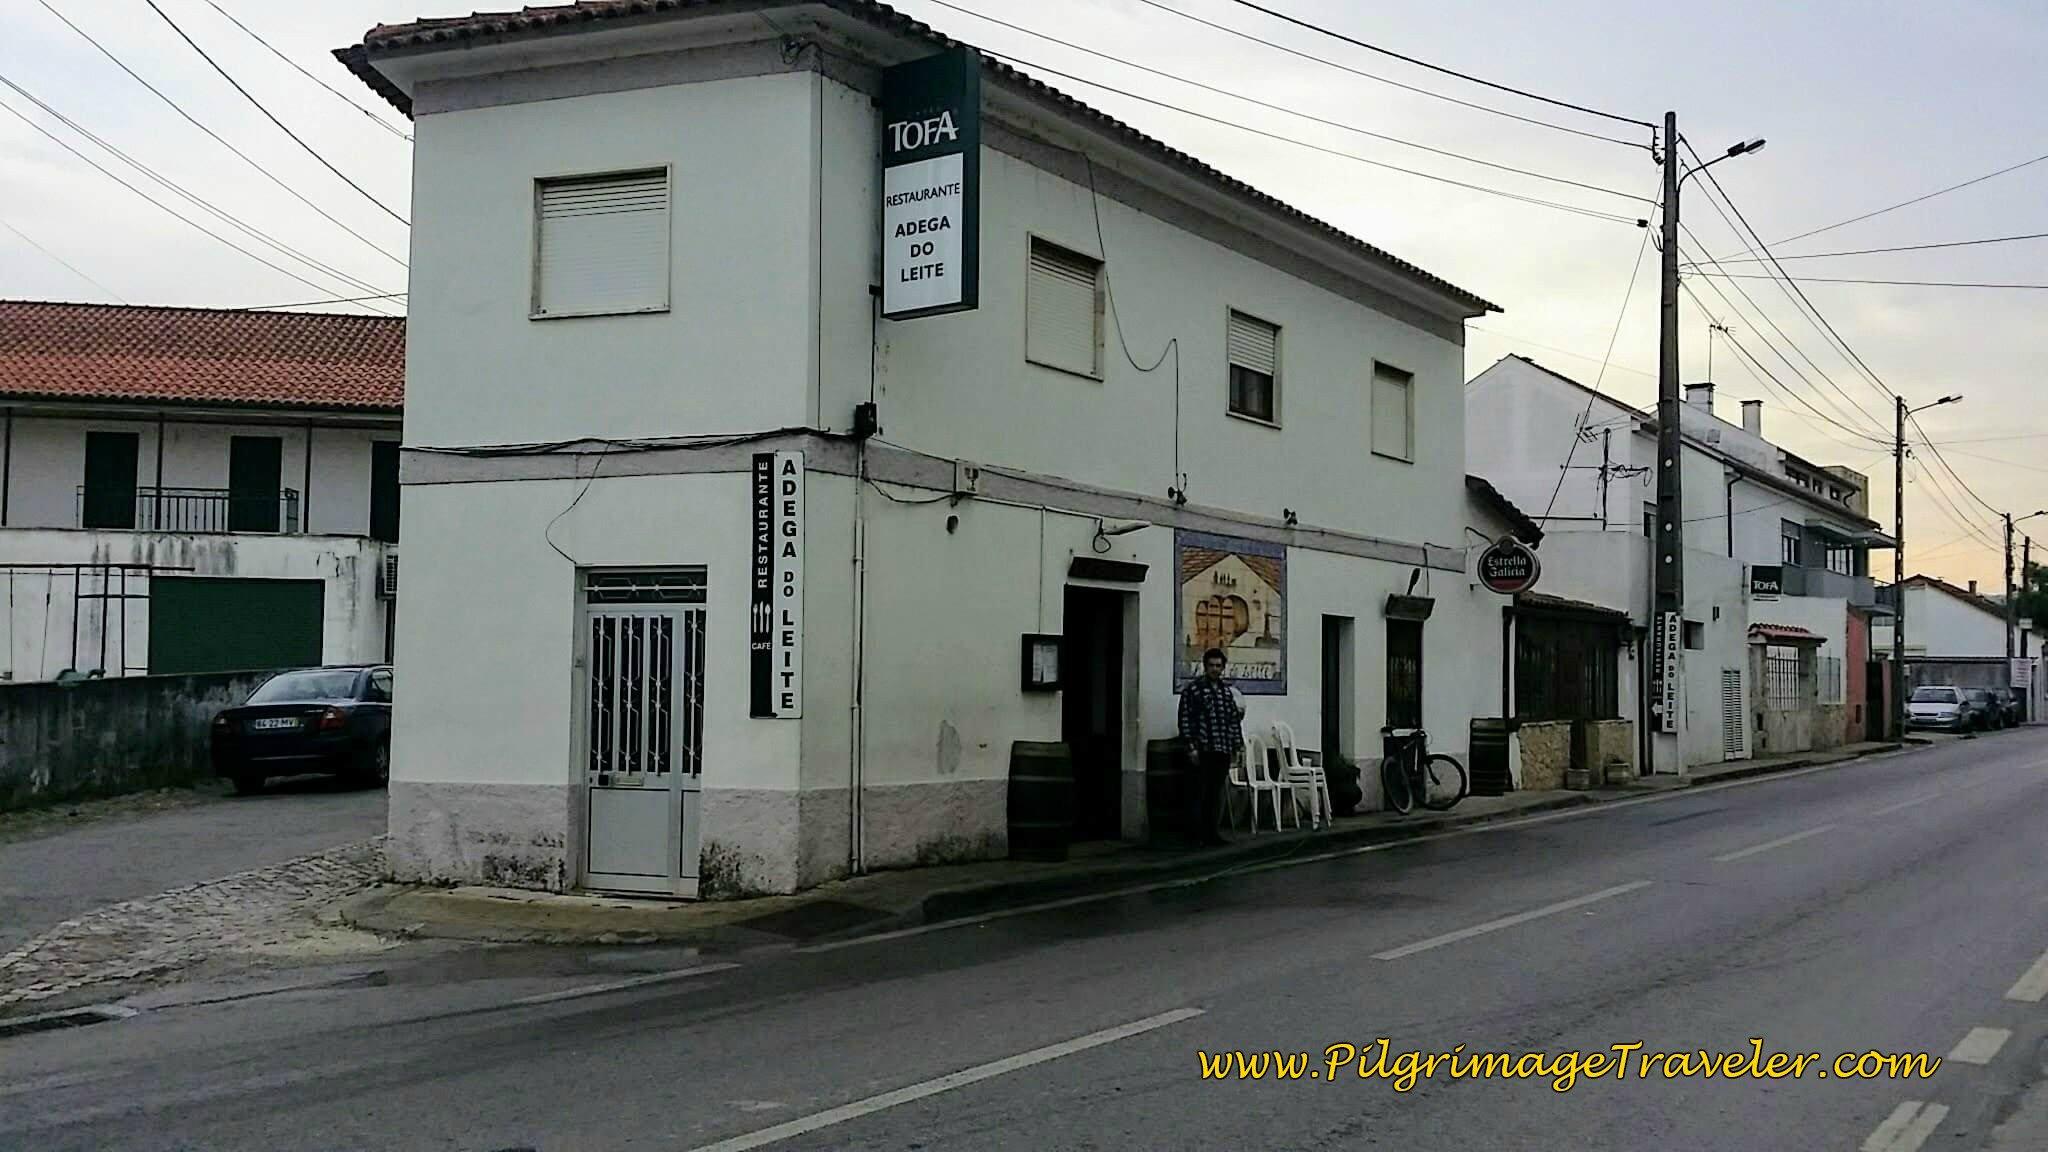 Café Adega de Leite in Adémia, Portugal